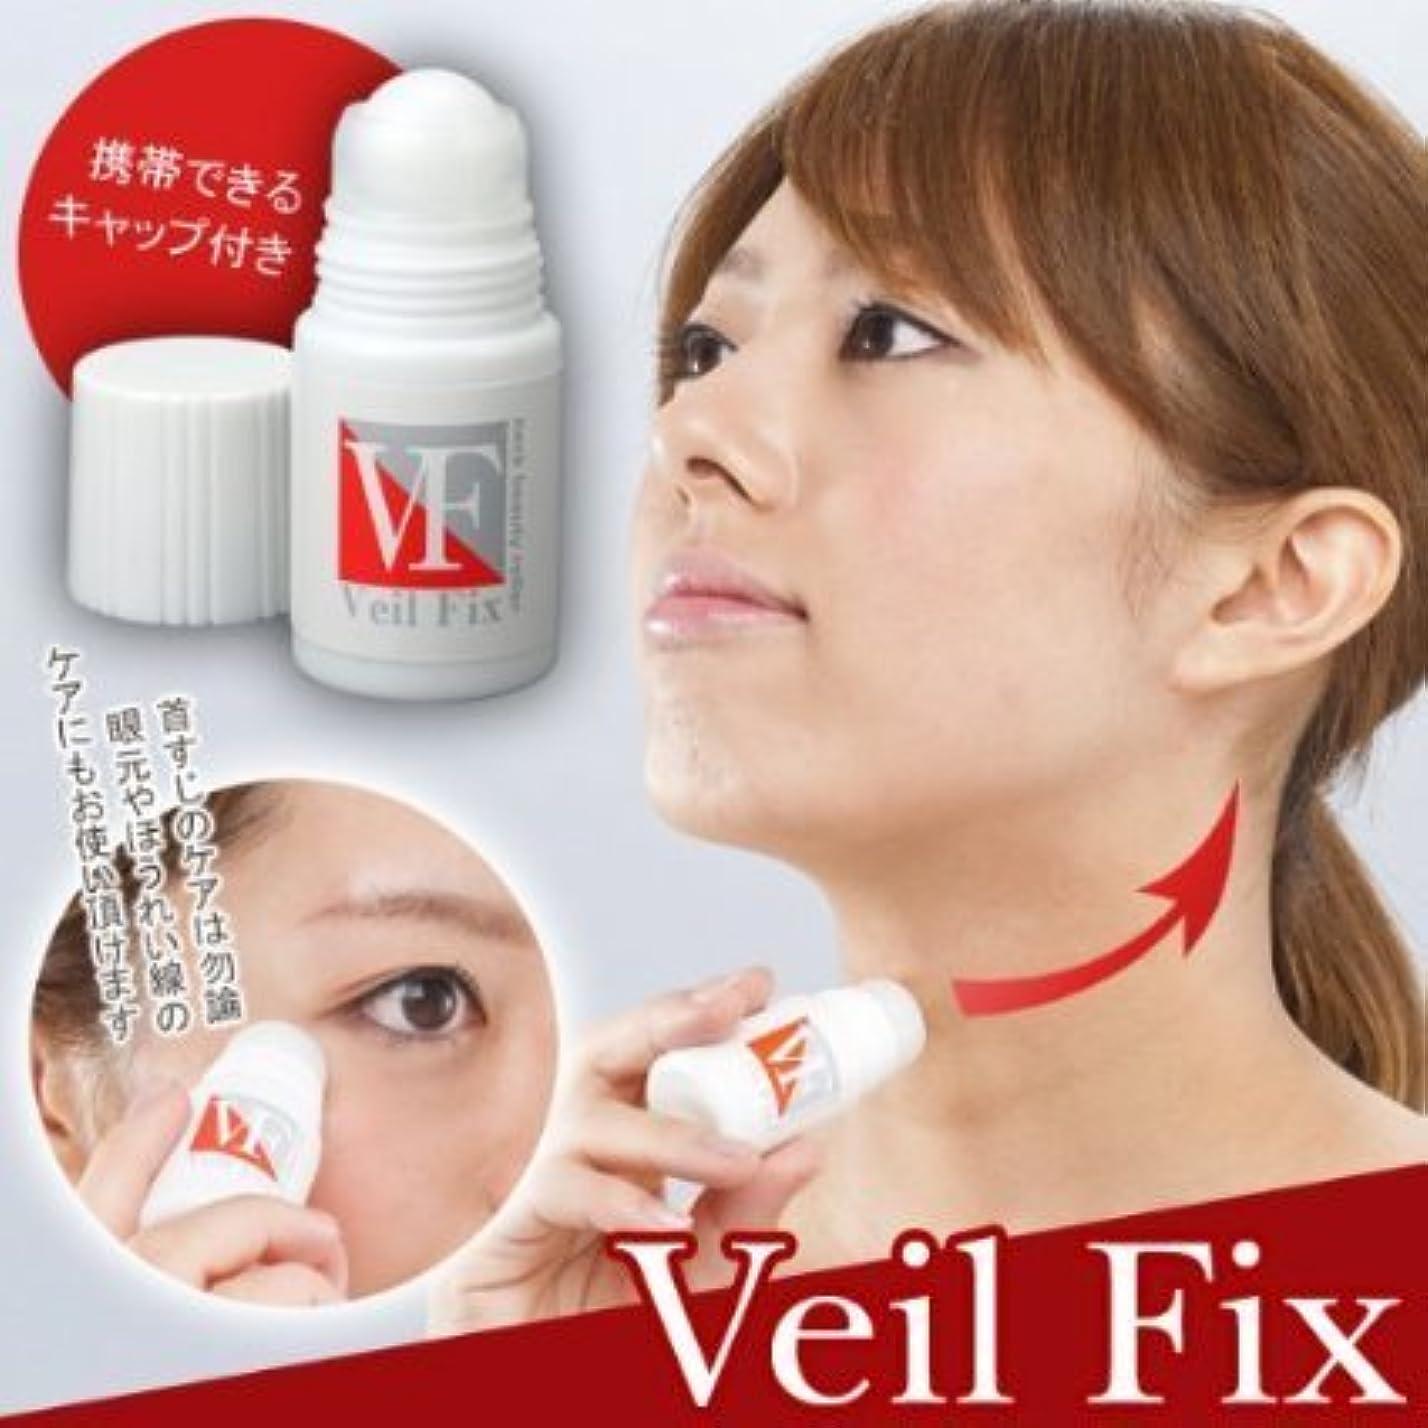 構成する放課後ヘロインVeil Fix neck beauty roller(ヴェイル フィックス ネックビューティーローラー)VFエッセンス 20ml